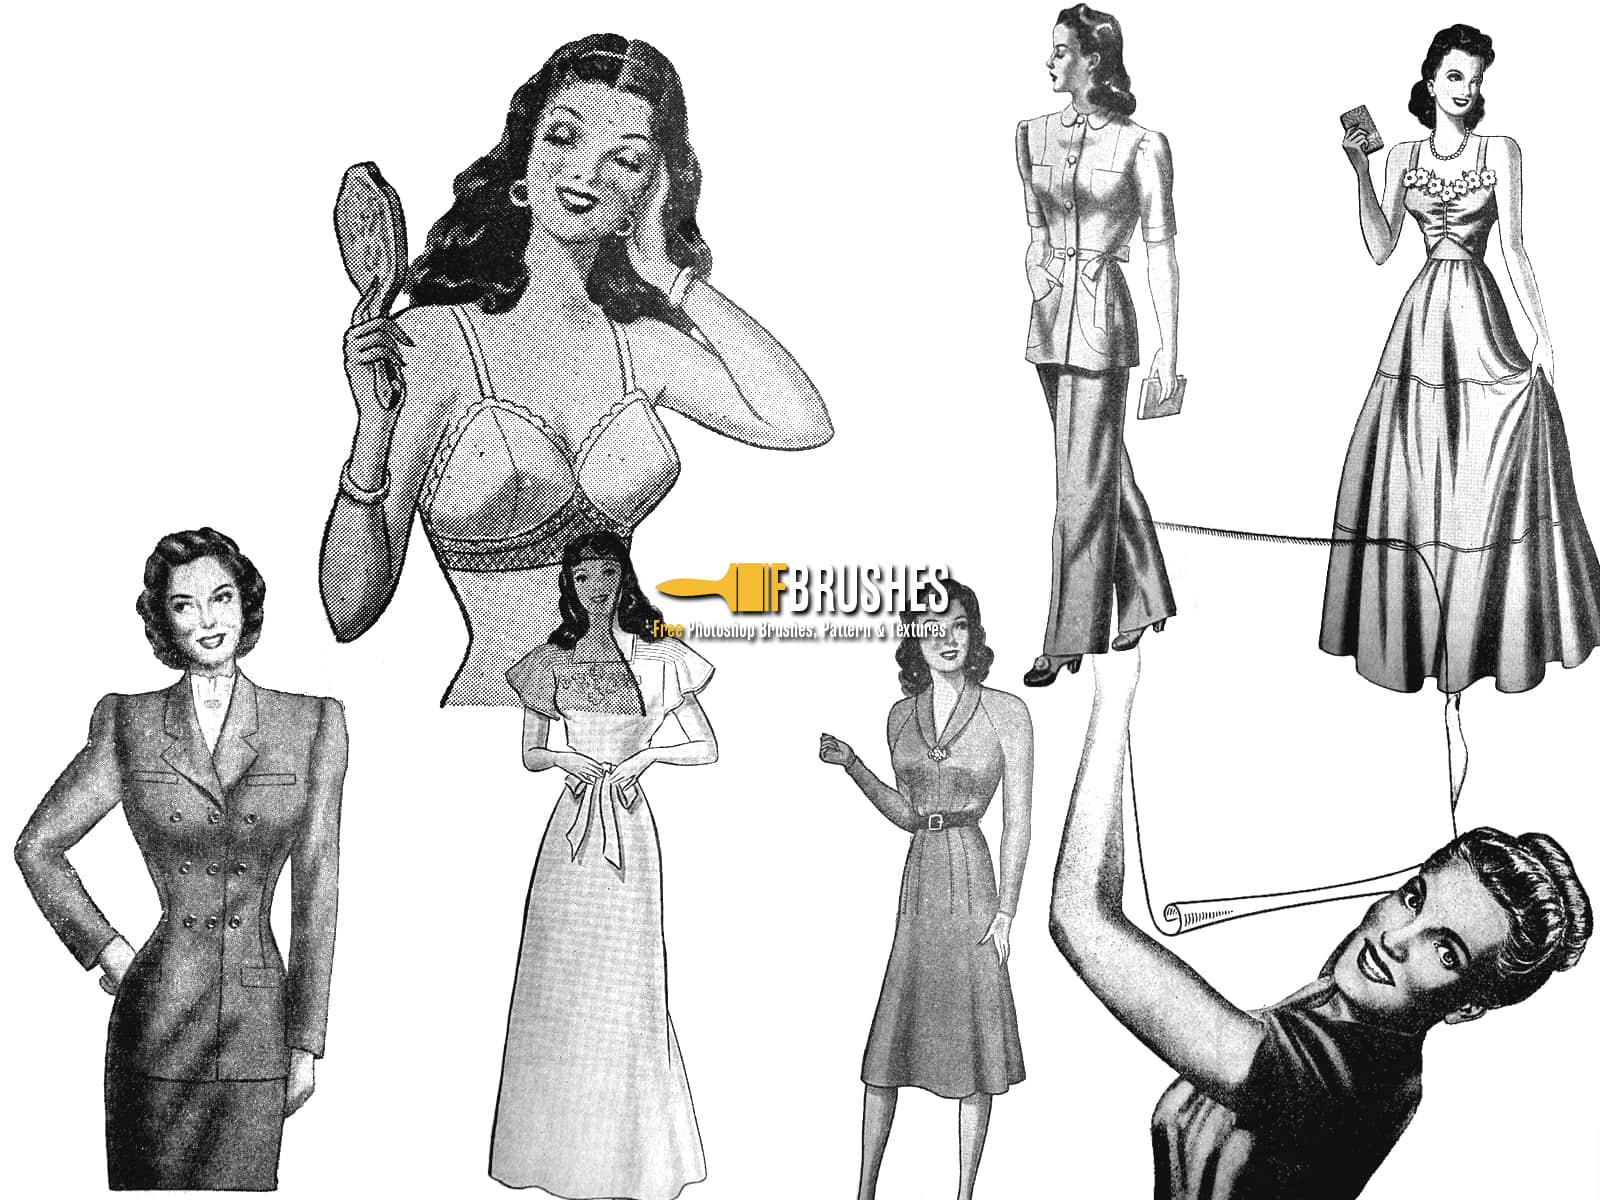 复古欧美时髦女郎、女性图案Photoshop笔刷下载 欧美女郎笔刷 时髦女郎笔刷 女郎笔刷 女性笔刷 女人笔刷  characters brushes